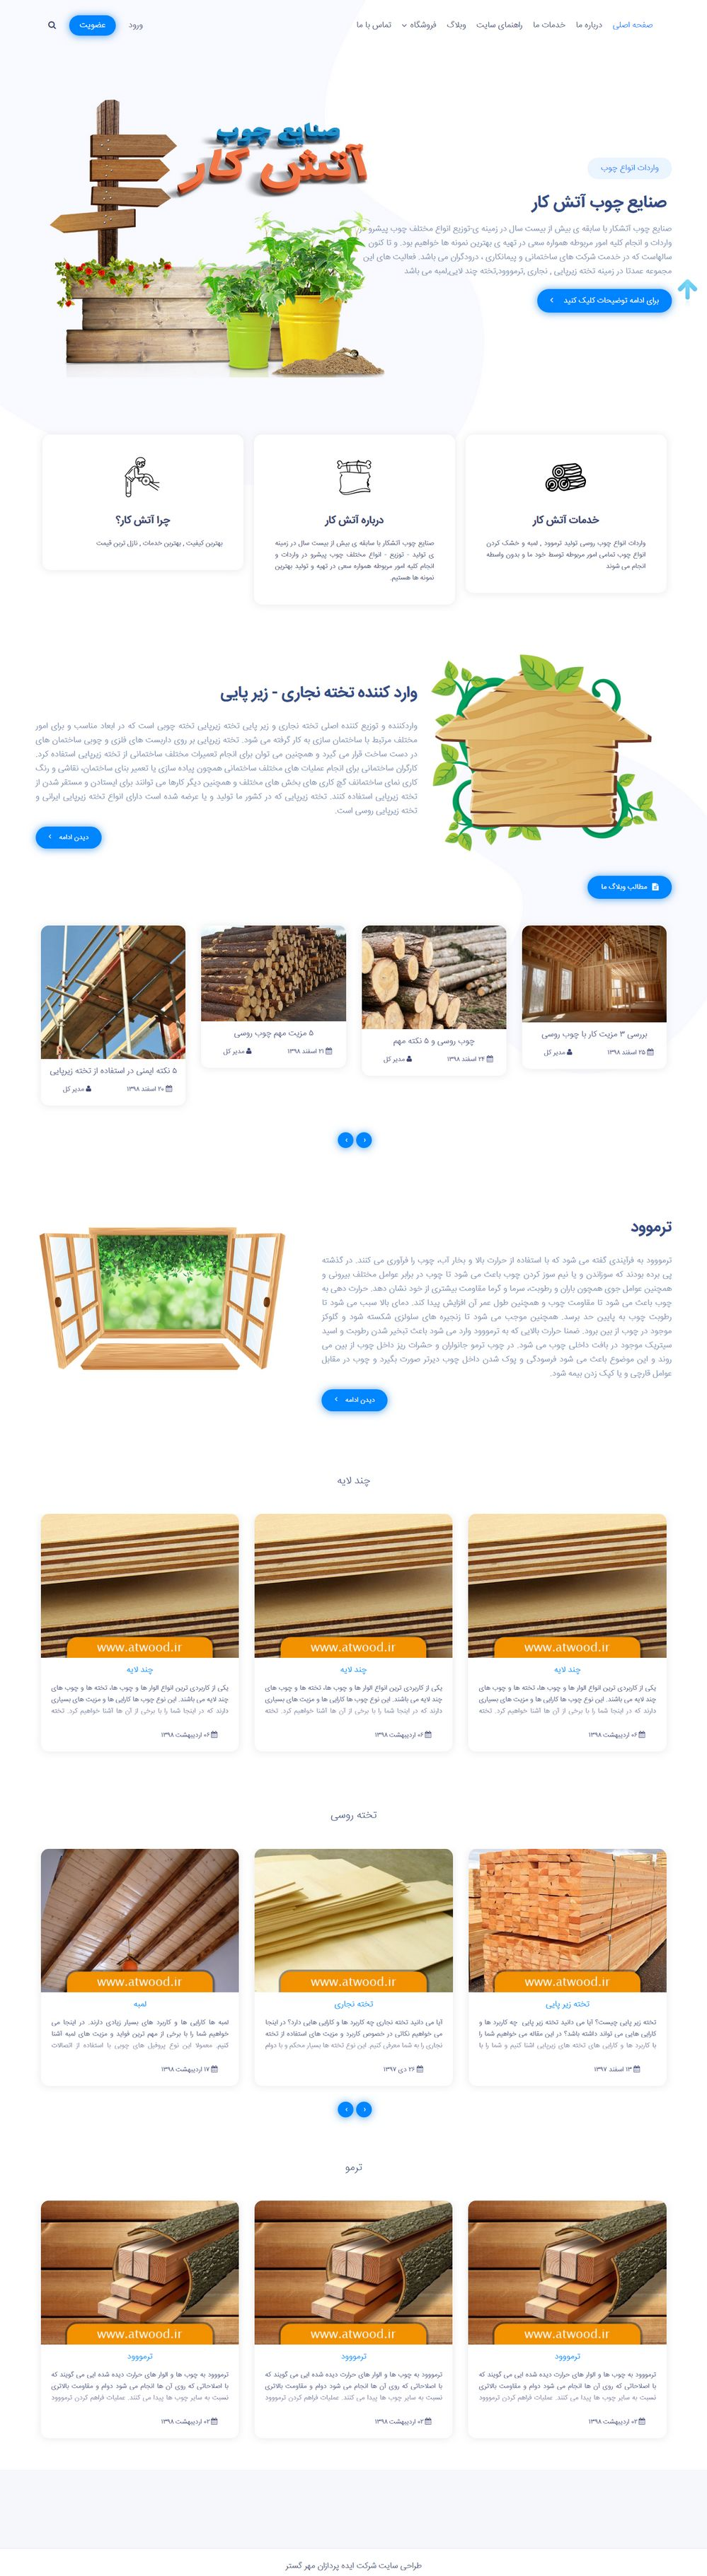 طراحی سایت شرکت صنایع چوب آتش کار